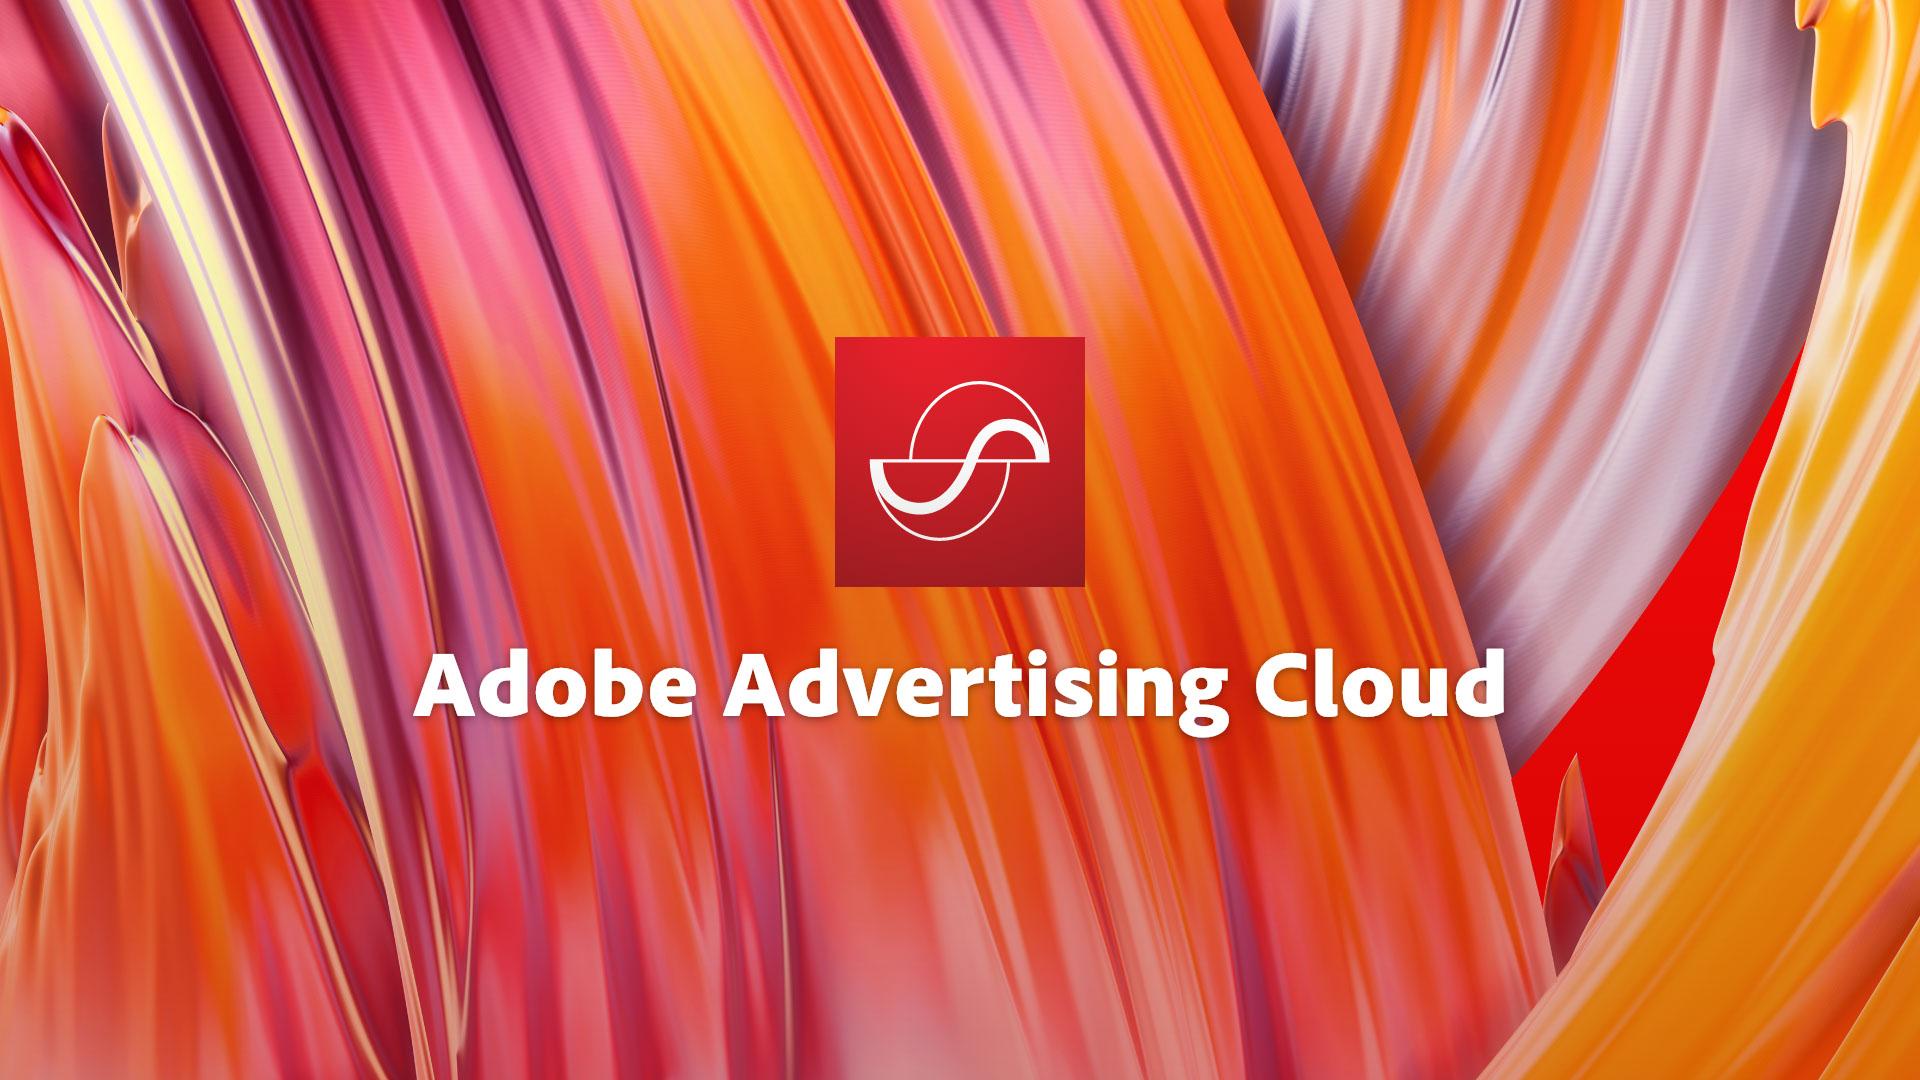 Adobe Ads Donutz Digital